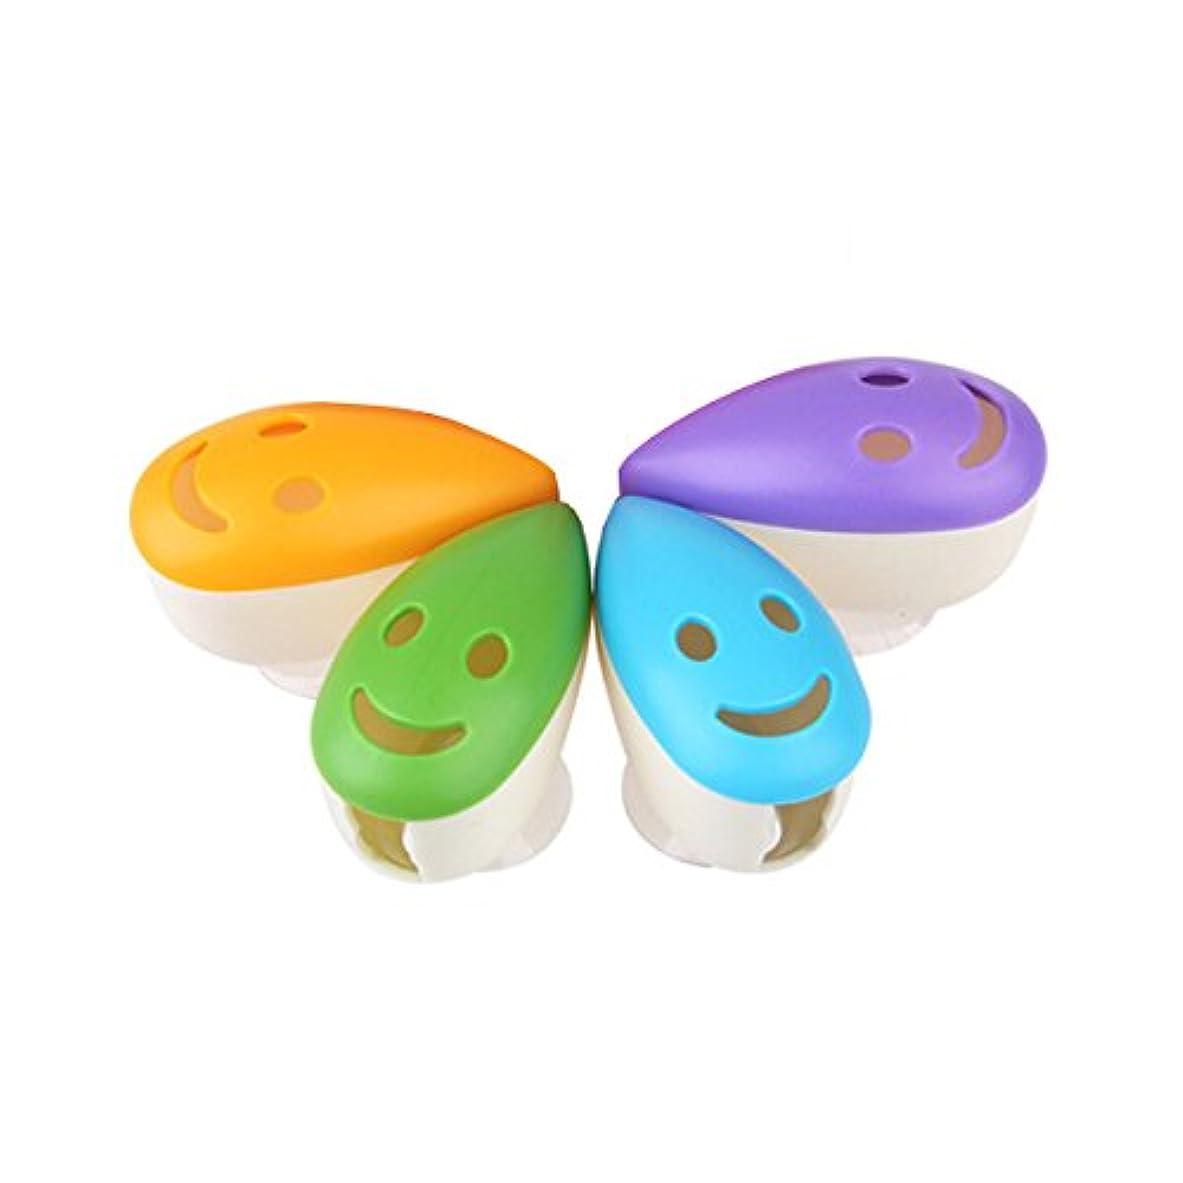 ROSENICE スマイルフェイス抗菌歯ブラシヘッドホルダーサクションカップ4本用